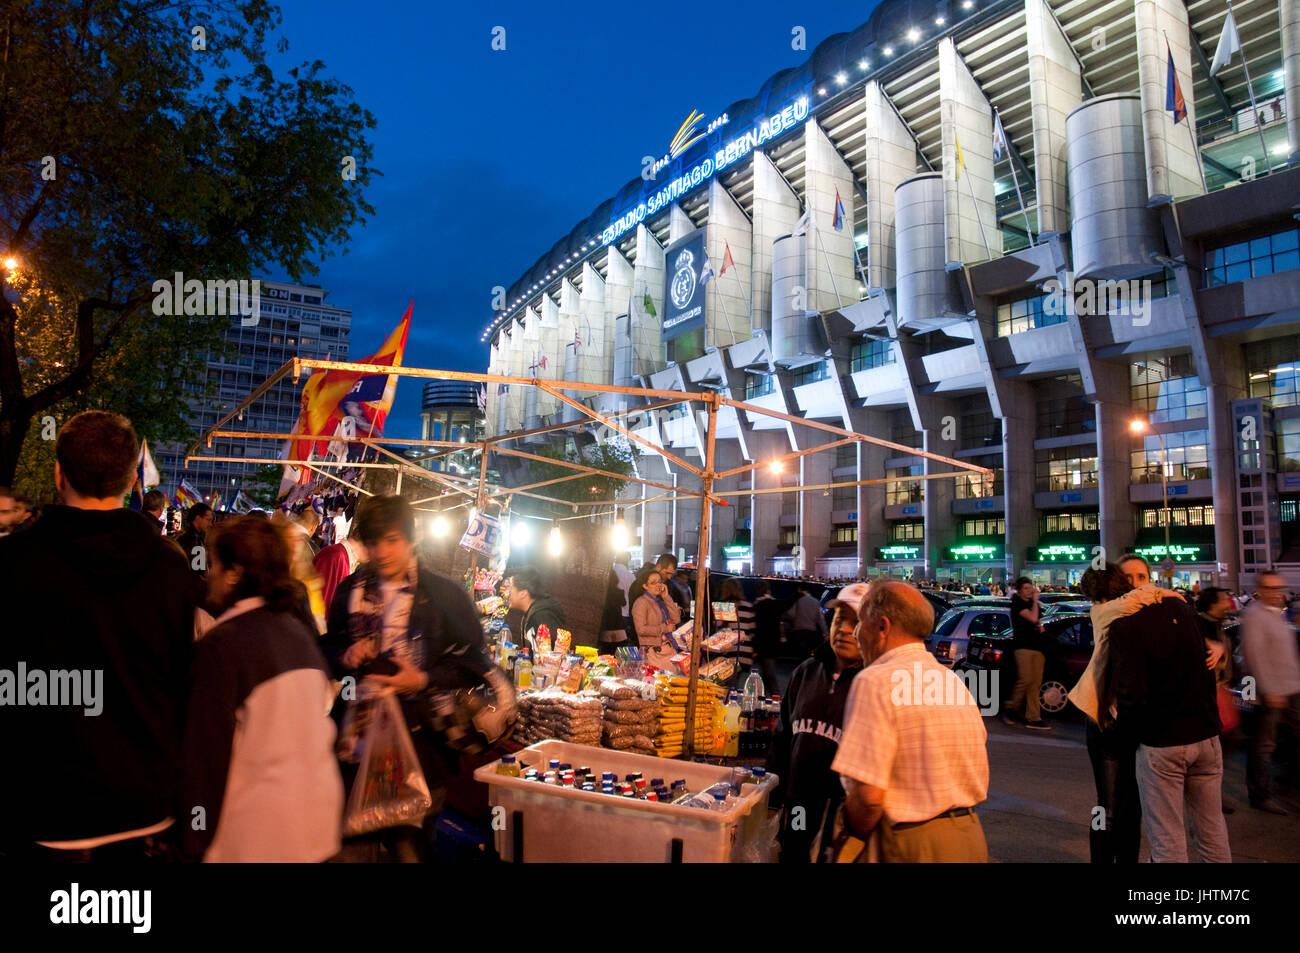 La venta ambulante en todo el estadio Santiago Bernabeu antes del partido de fútbol Real Madrid-Barcelona. Imagen De Stock